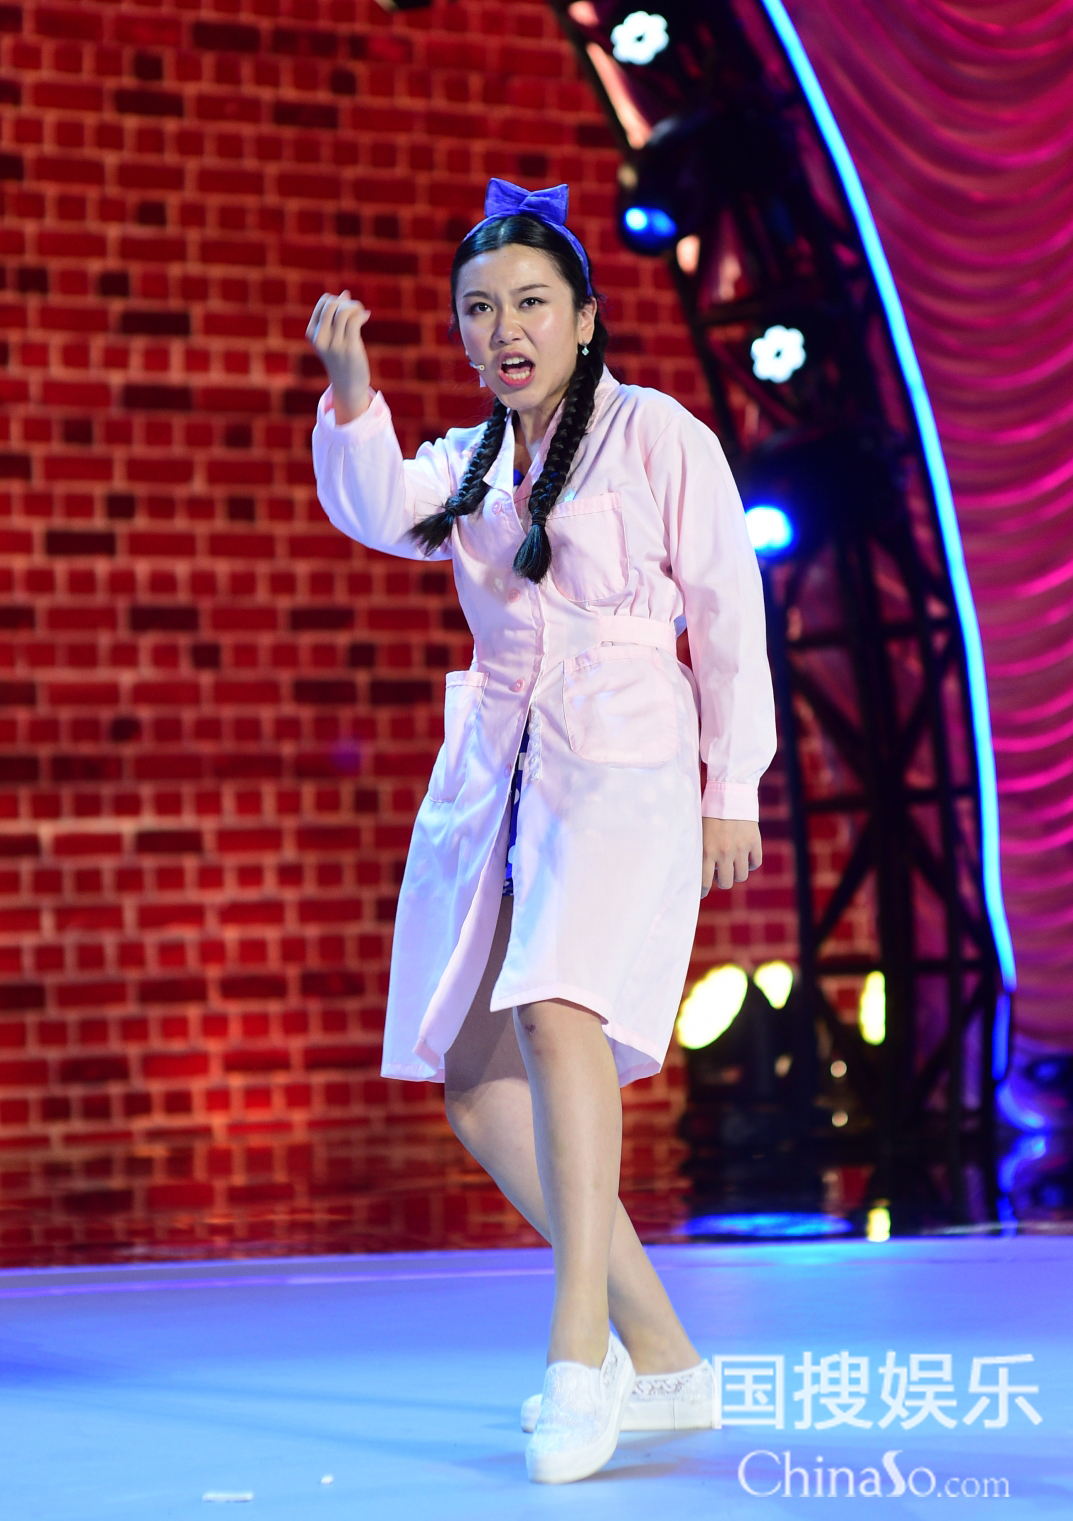 美女选手陆敏雪对冯小刚撒娇 郭德纲:交男朋友了吗? 4